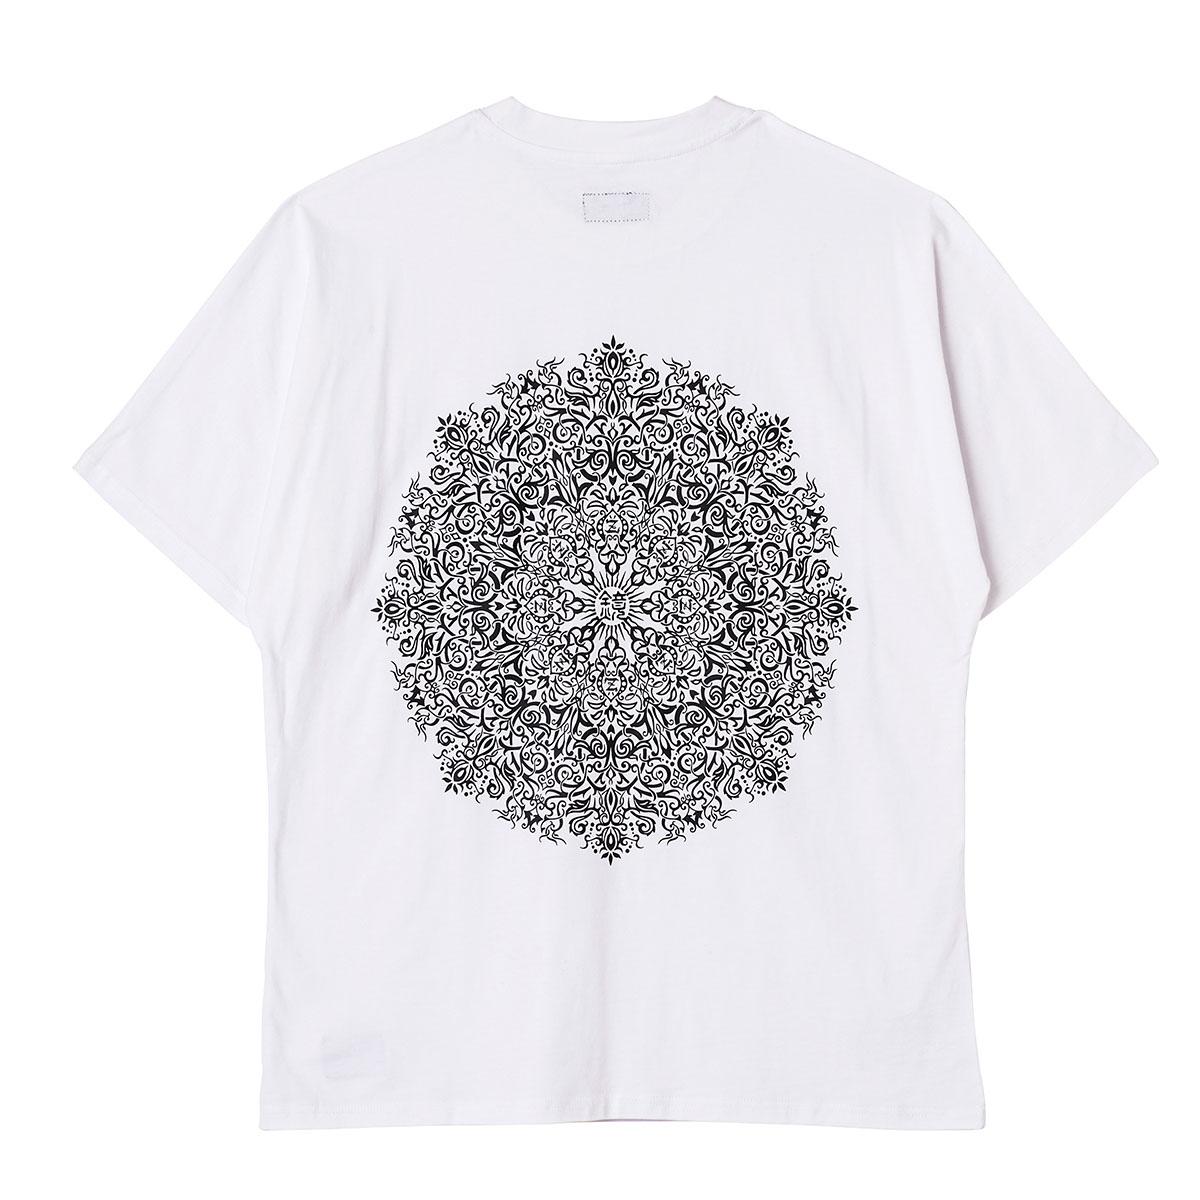 【予約商品】Zephyren(ゼファレン) DOLMAN BIG TEE S/S WHITE / Kaleidoscope